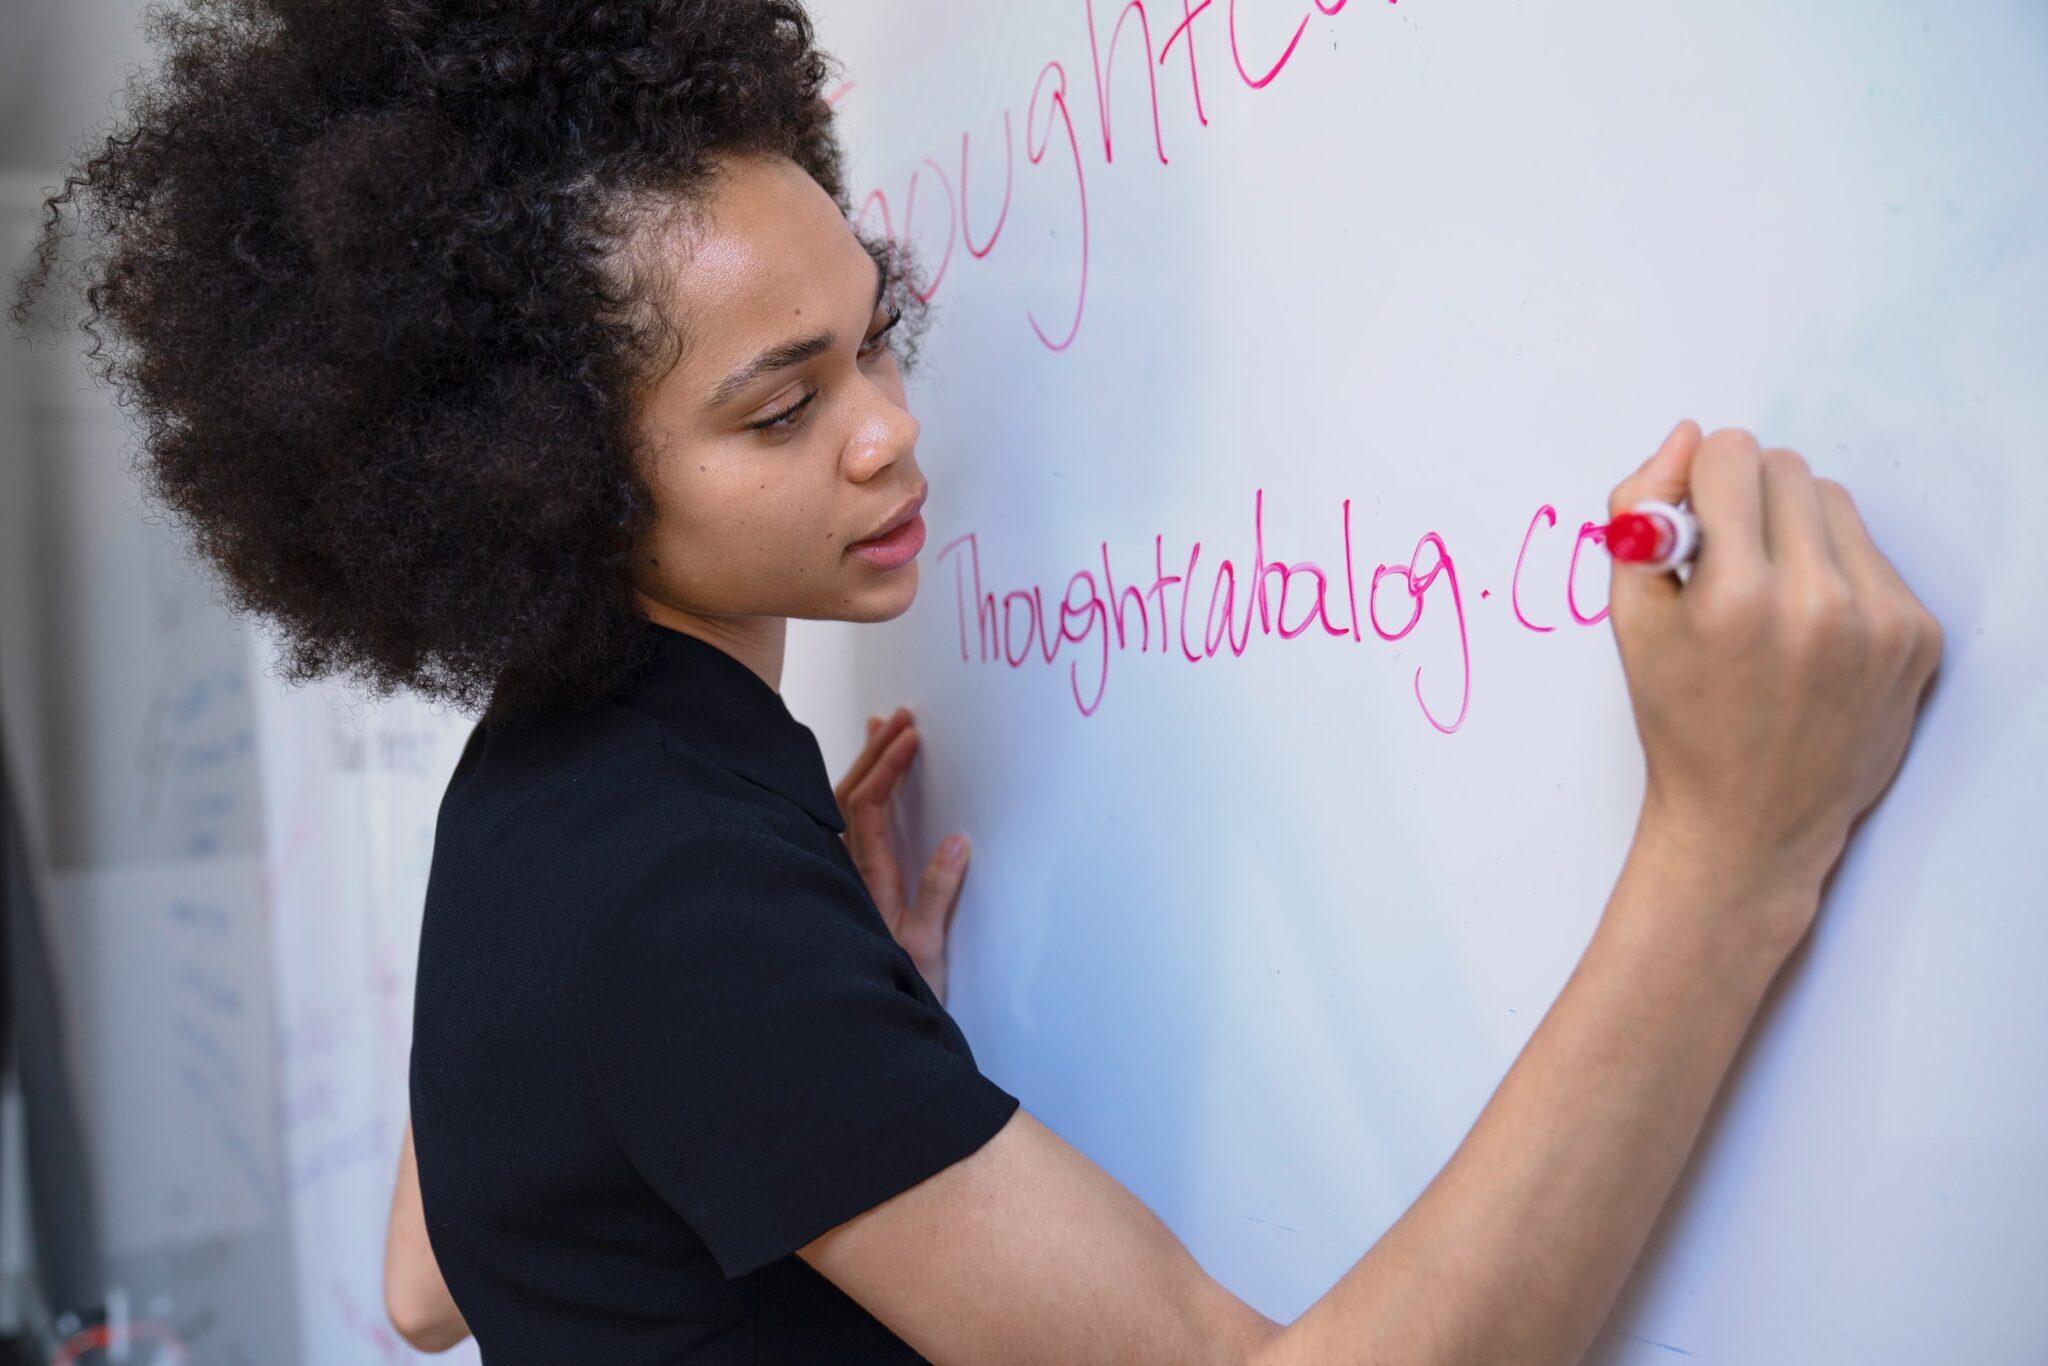 Eine Frau schreibt etwas auf ein Whiteboard.